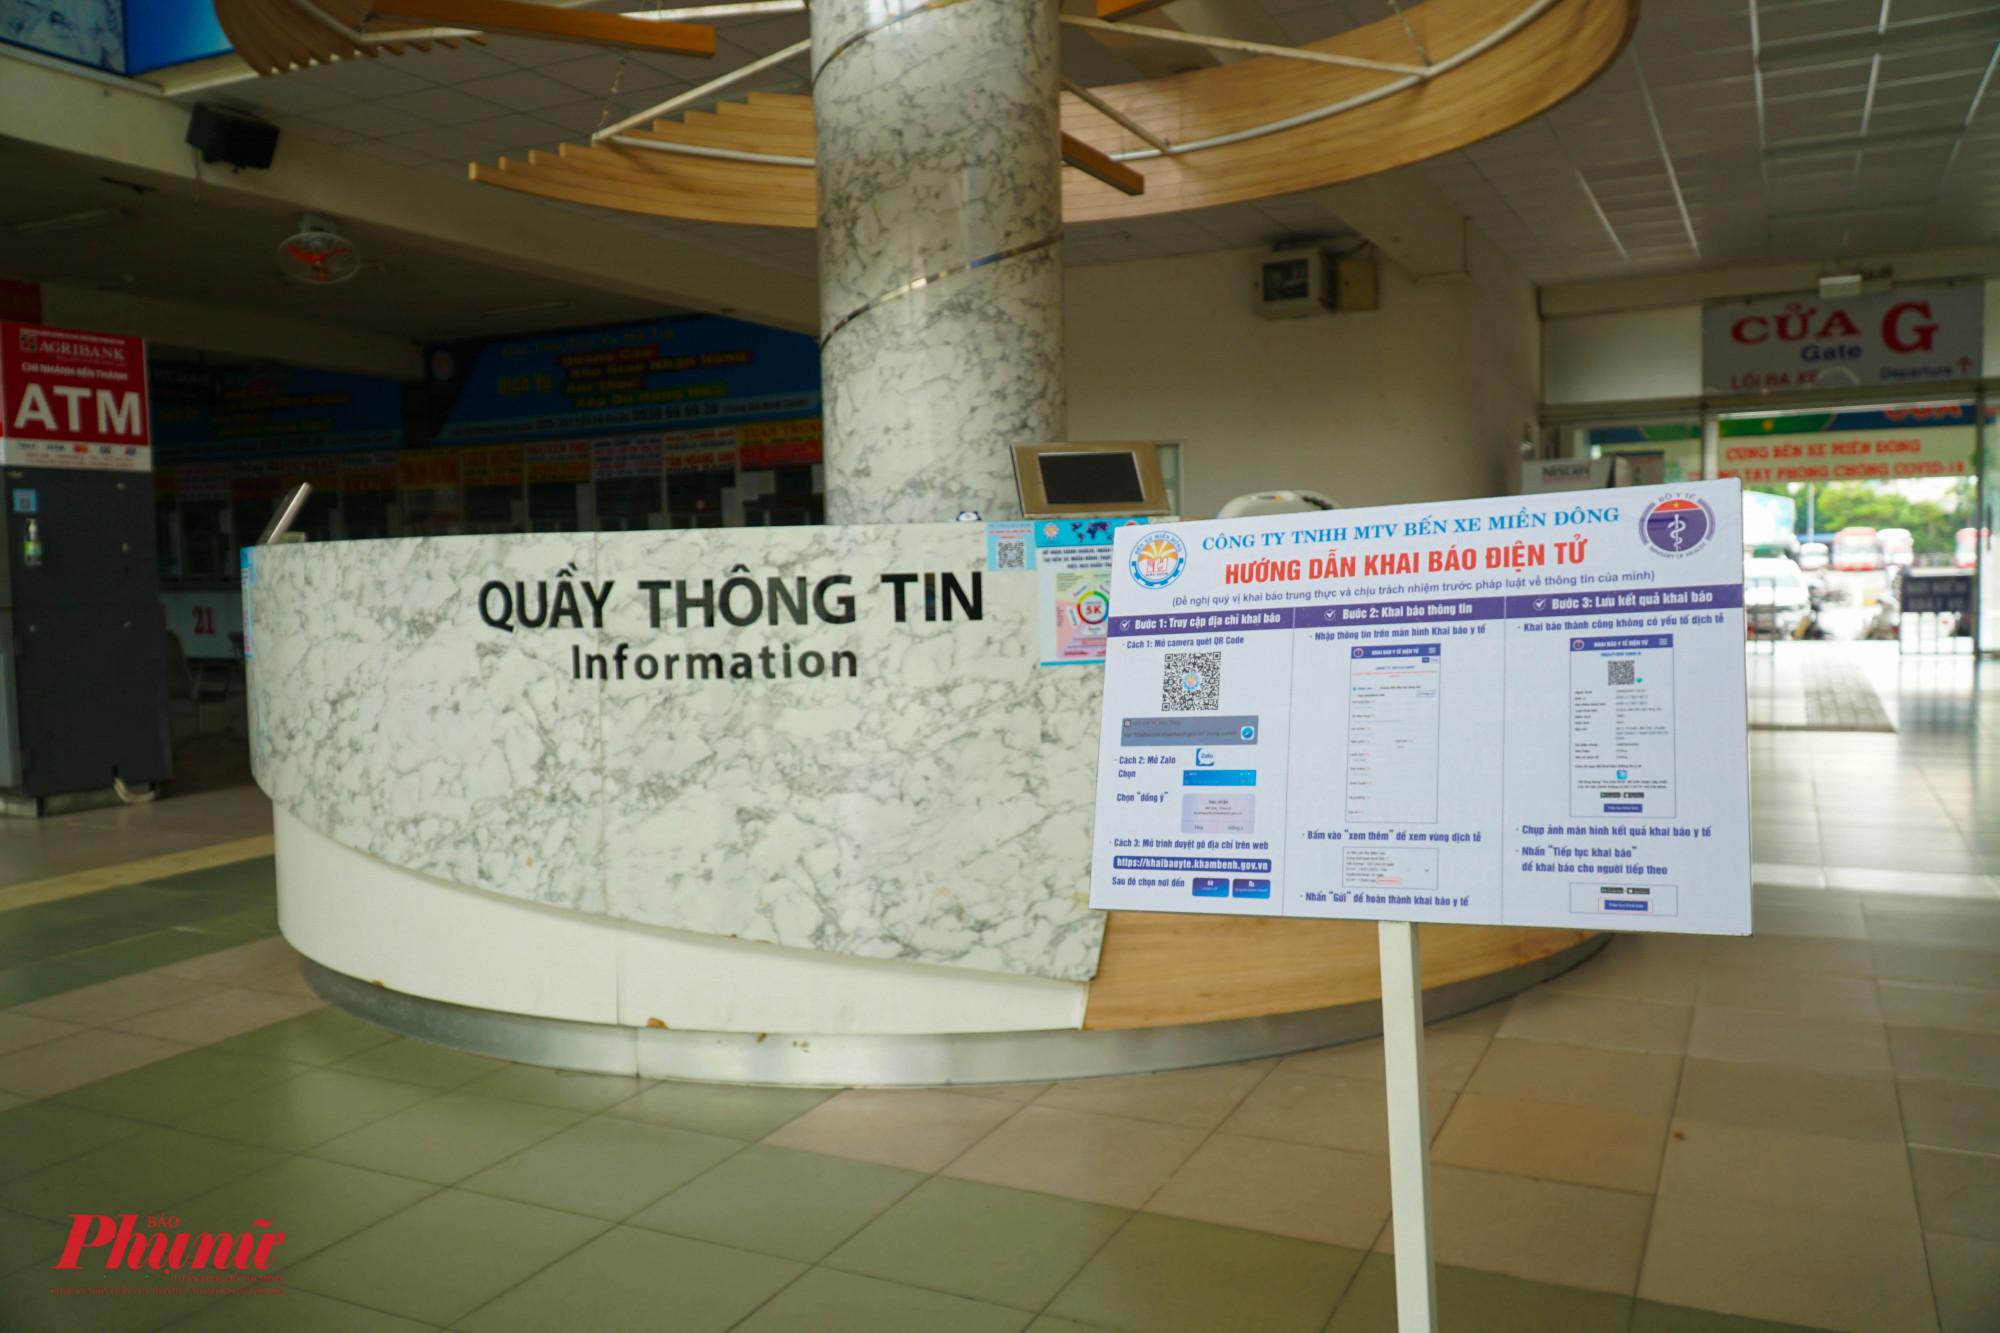 Mã QR và thông tin hướng dẫn được bố trí khắp nơi trong bến xe Miền Đông